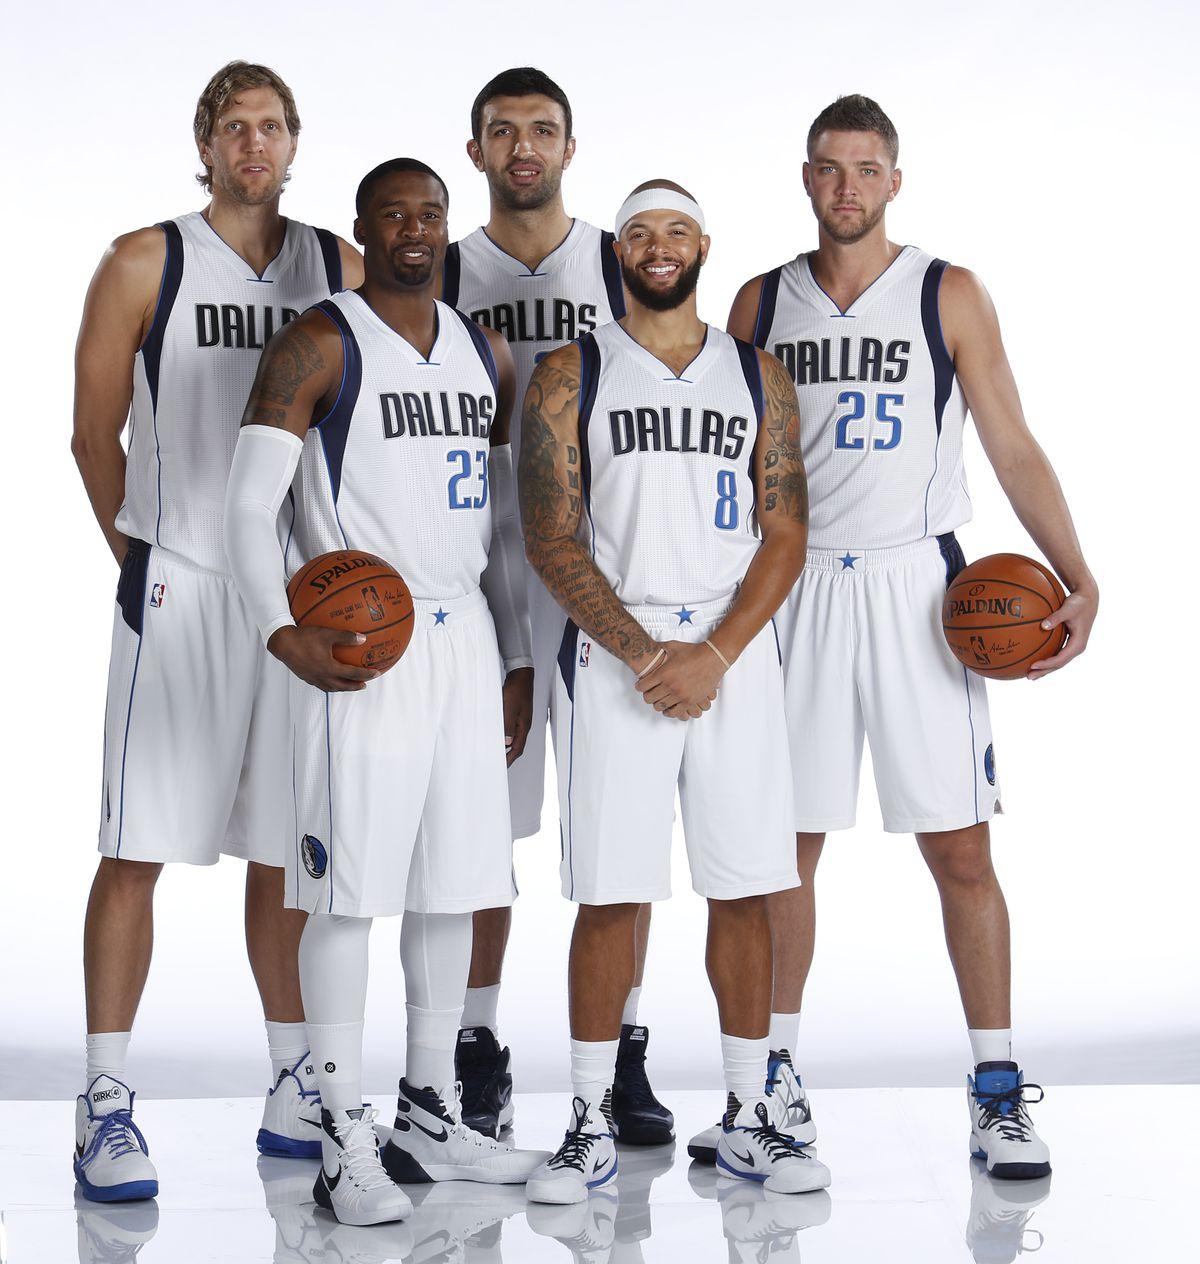 Dallas Mavericks Media Day 2015